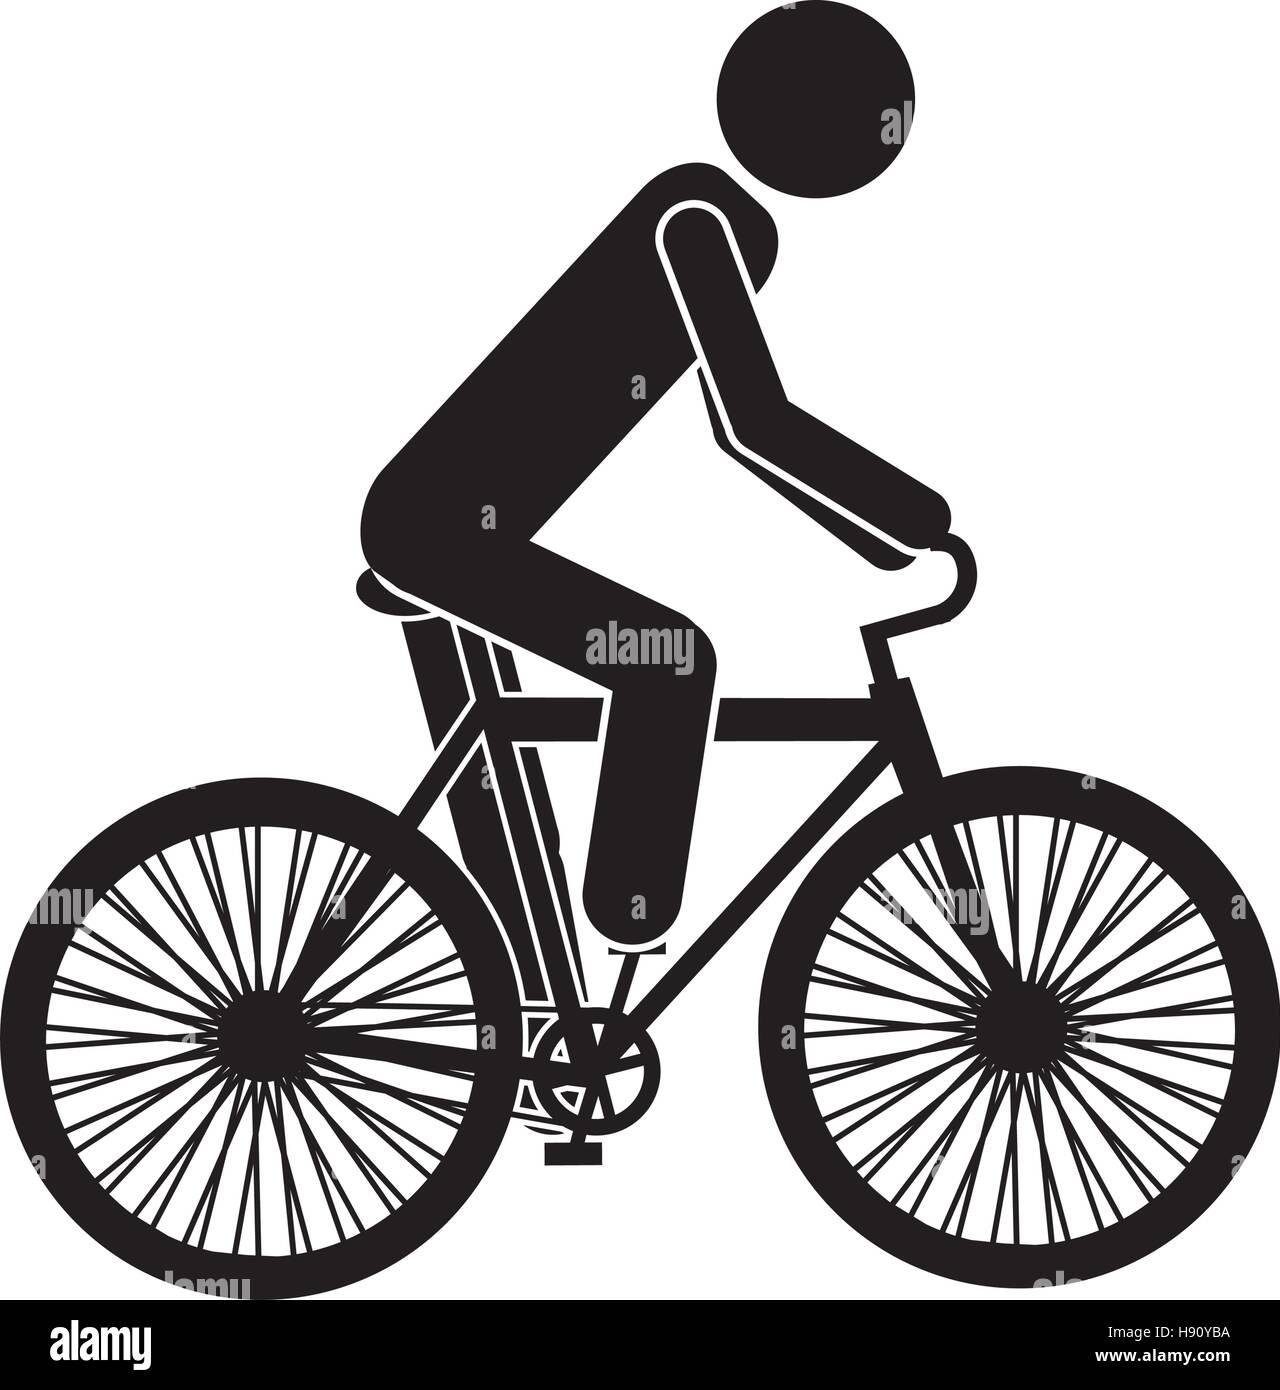 Isolated bike vehicle design - Stock Image